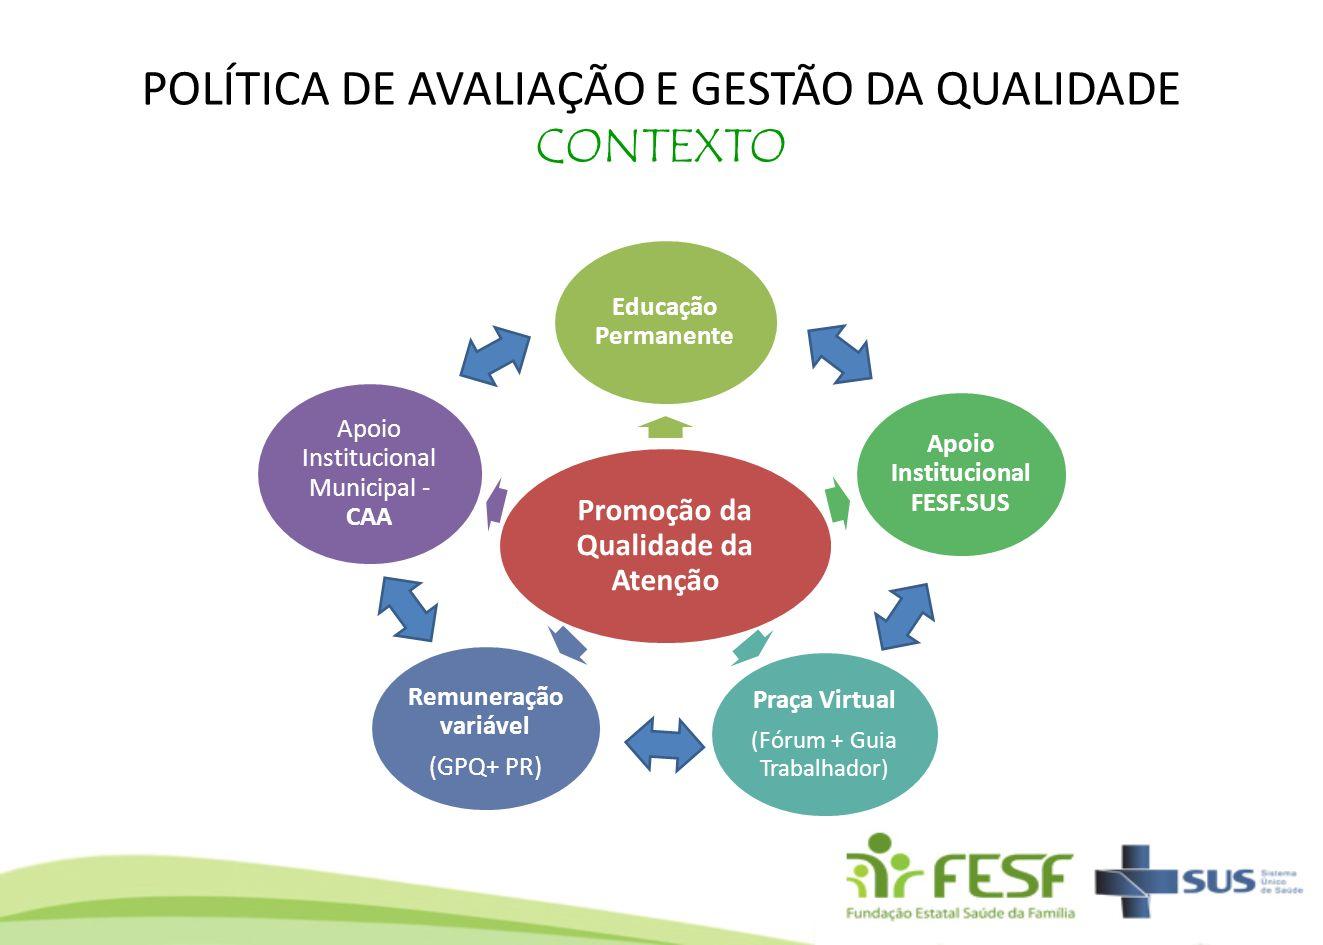 POLÍTICA DE AVALIAÇÃO E GESTÃO DA QUALIDADE CONTEXTO